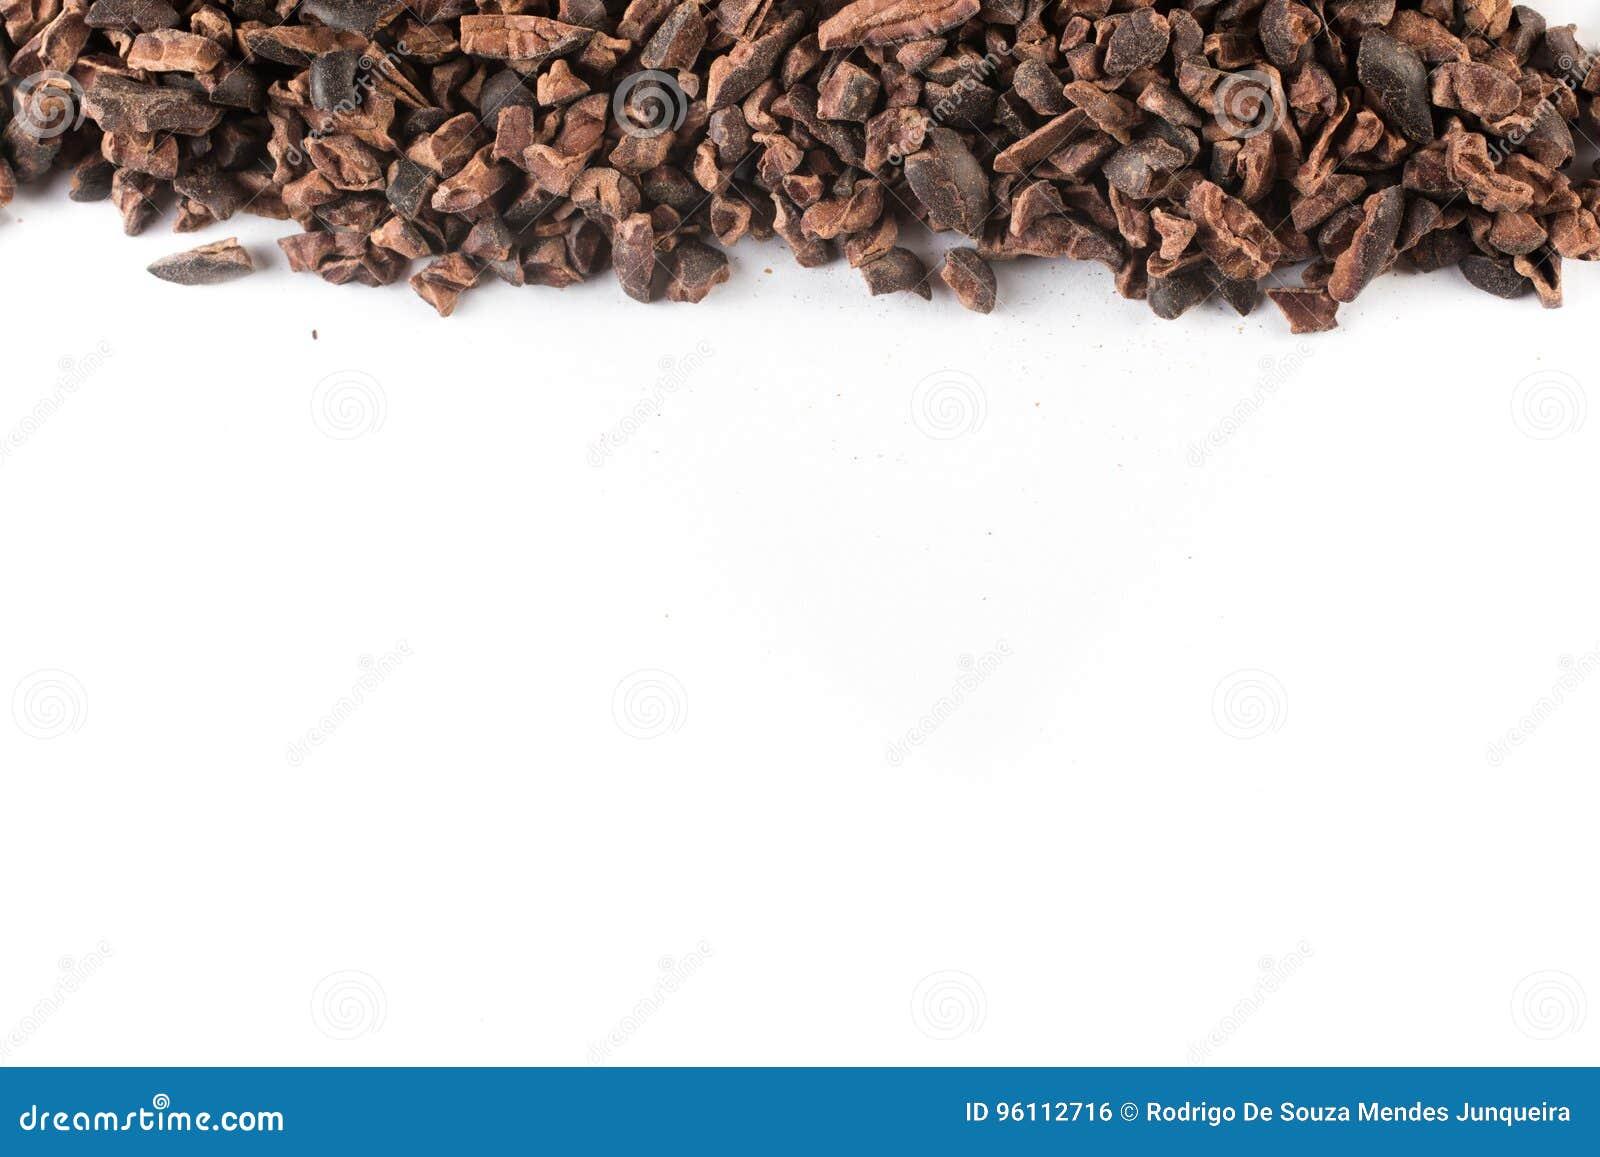 Kakao-Spitzen-Rahmen stockfoto. Bild von haufen, bohne - 96112716